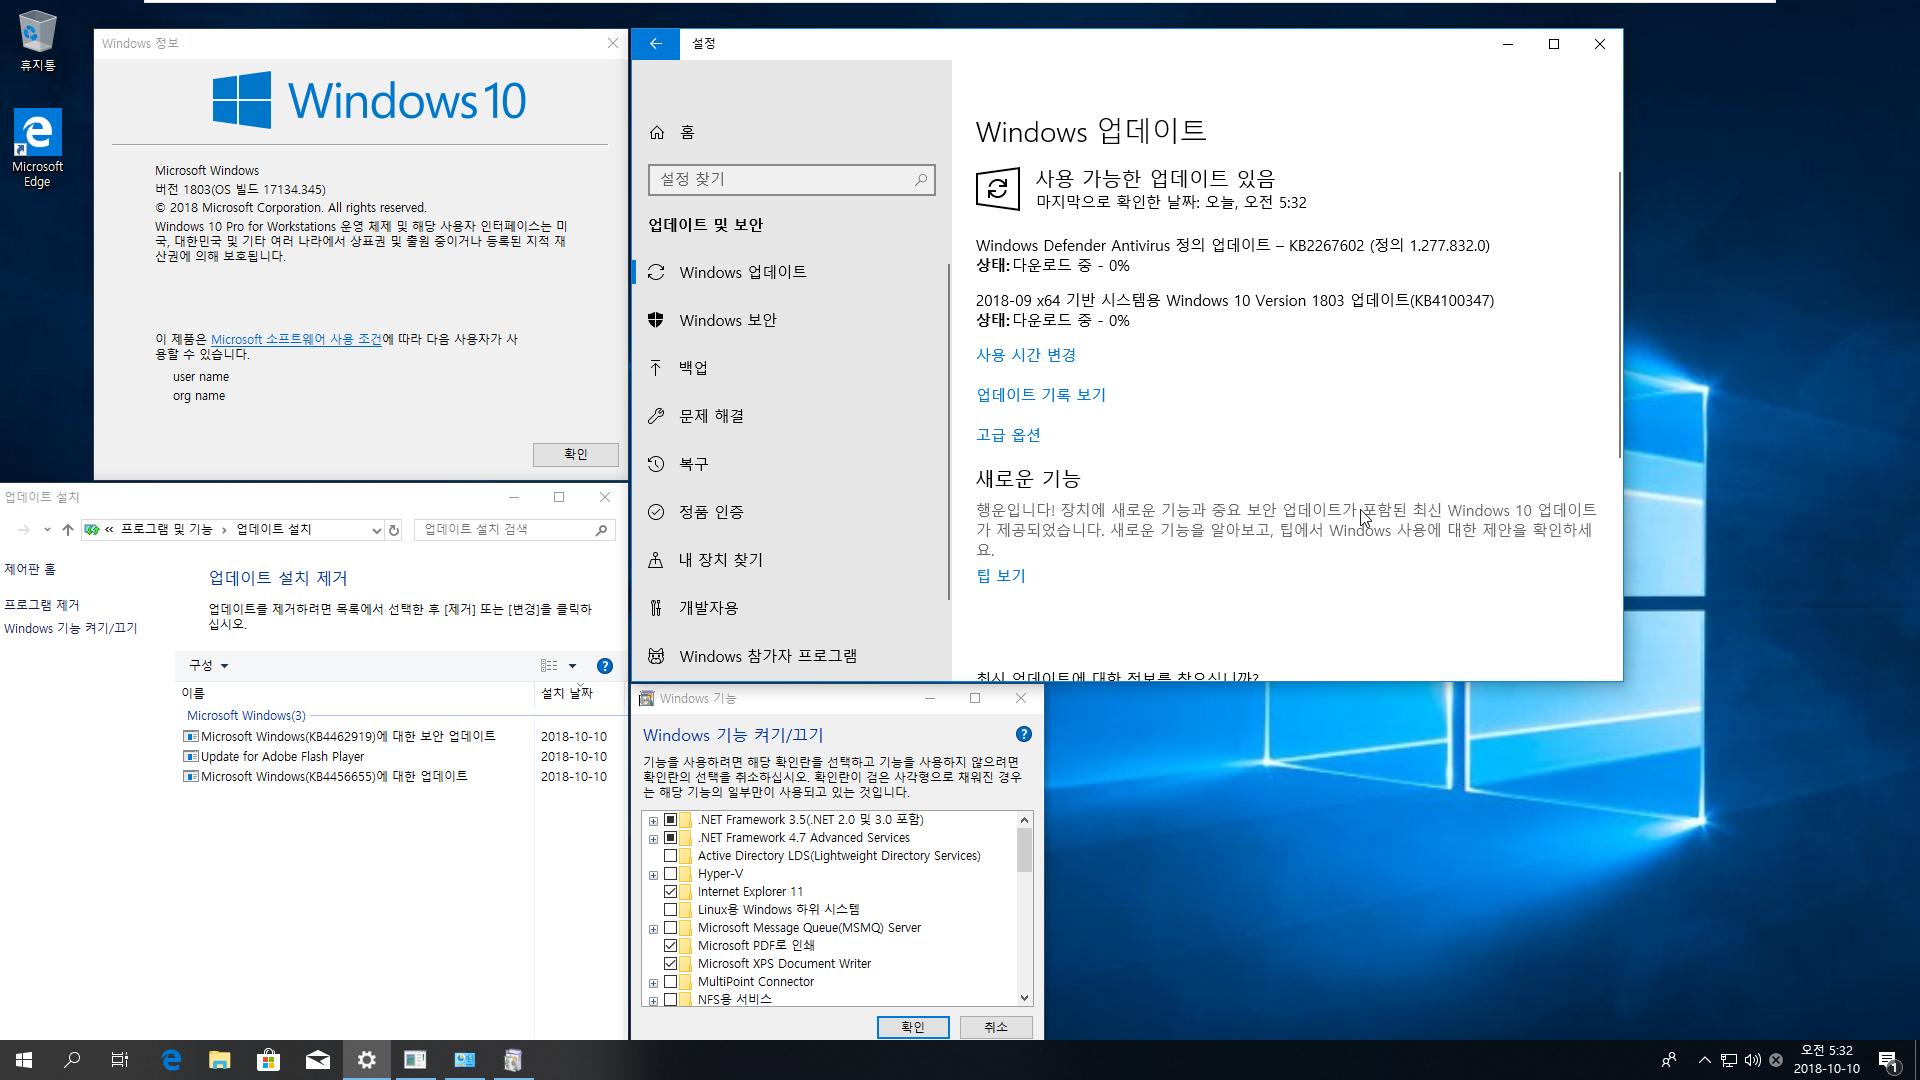 2018년 10월 10일 정기 업데이트 나왔네요 - Windows 10 버전1803용 누적 업데이트 KB4462919 (OS 빌드 17134.345) 통합중 입니다 2018-10-10_053255.png